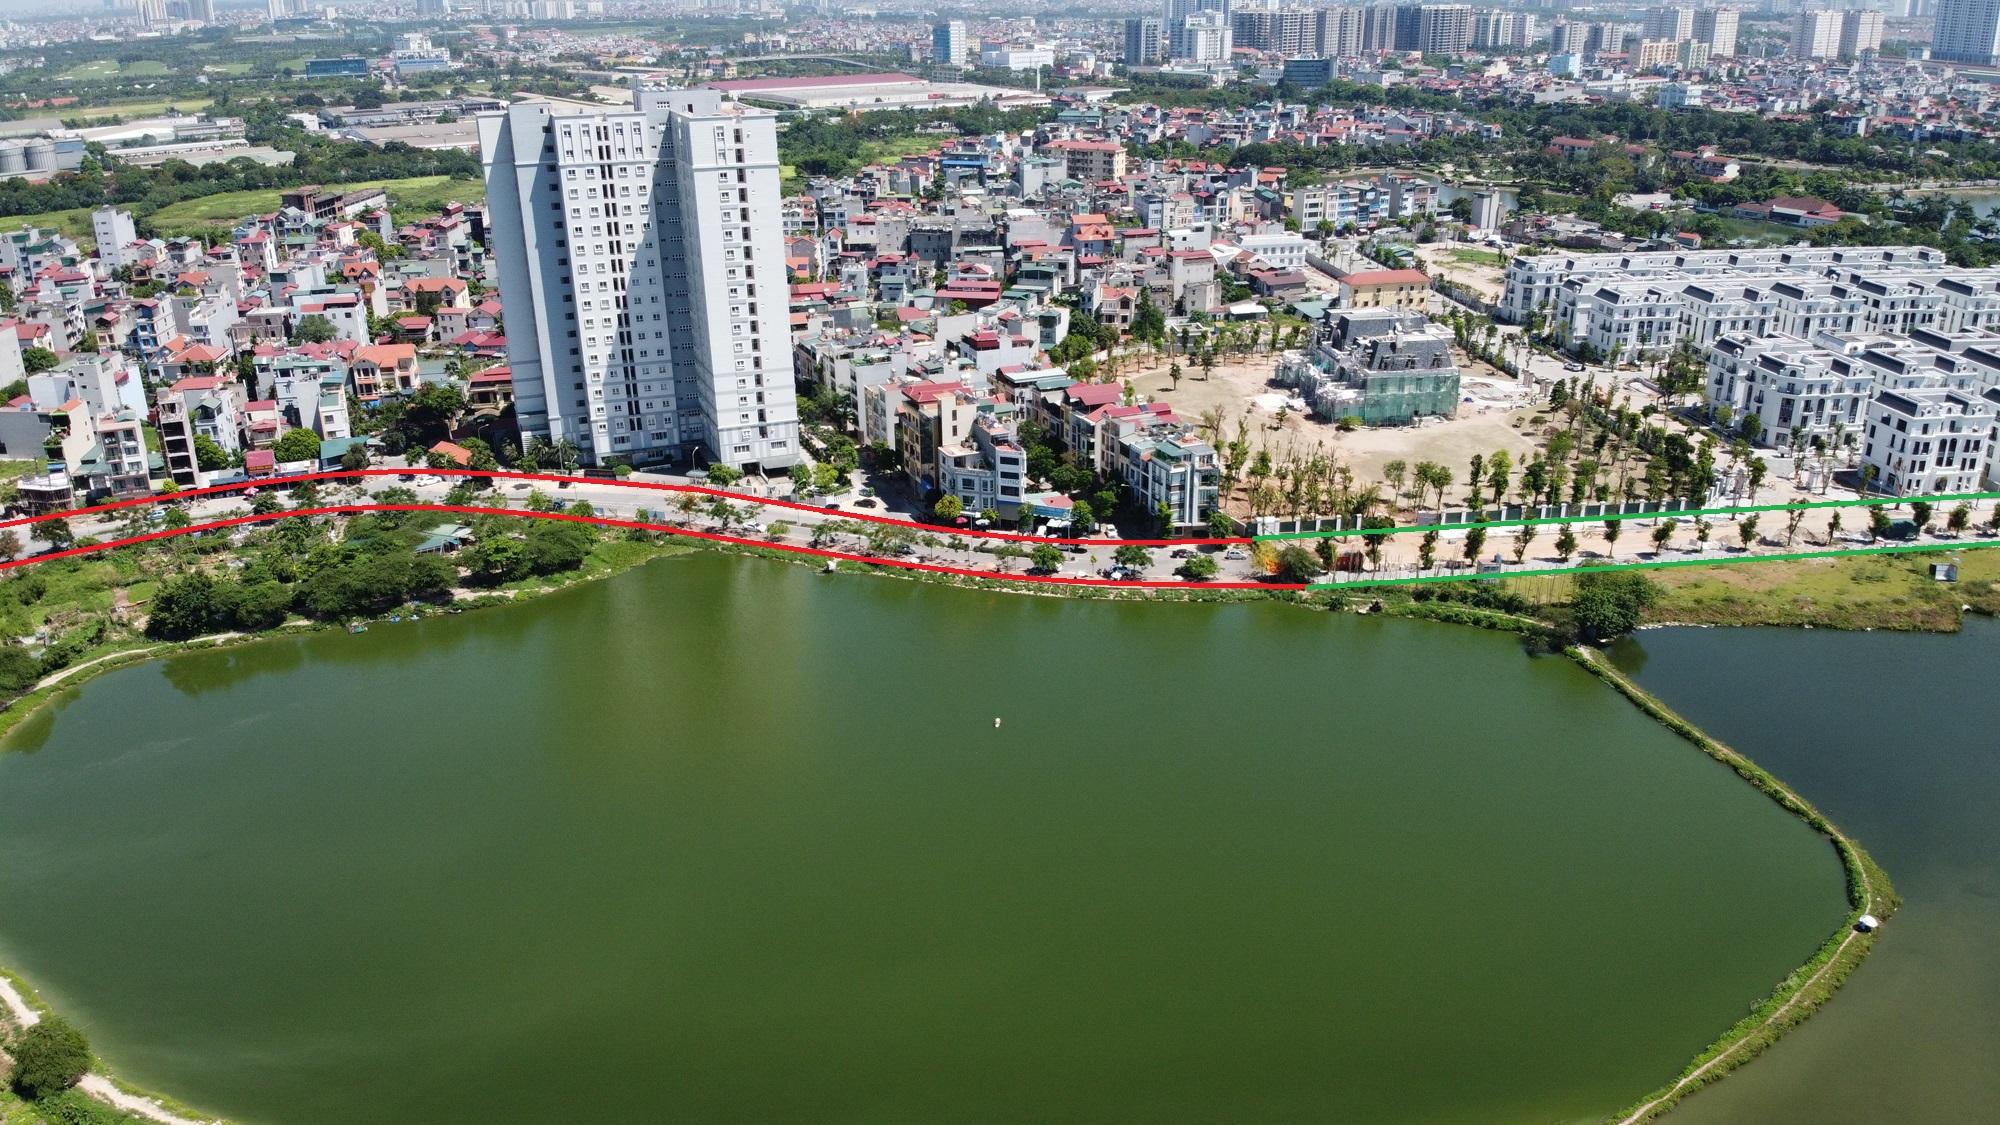 đường sẽ mở theo qui hoạch ở phường Thạch Bàn, Long Biên, Hà Nội - Ảnh 4.